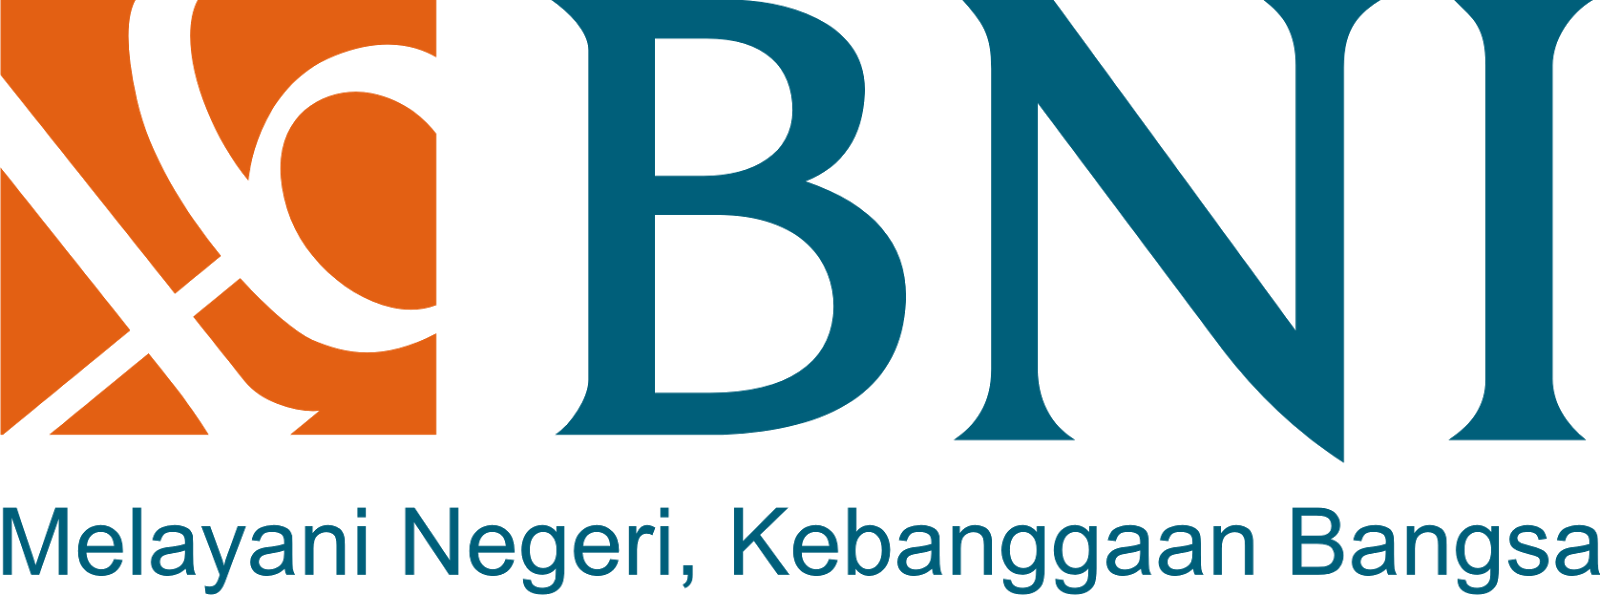 Alamat Bank BNI Batam, Hangnadim, Nagoya, Batu Aji, Botania, Batu Ampar, Kabil, SP Plaza